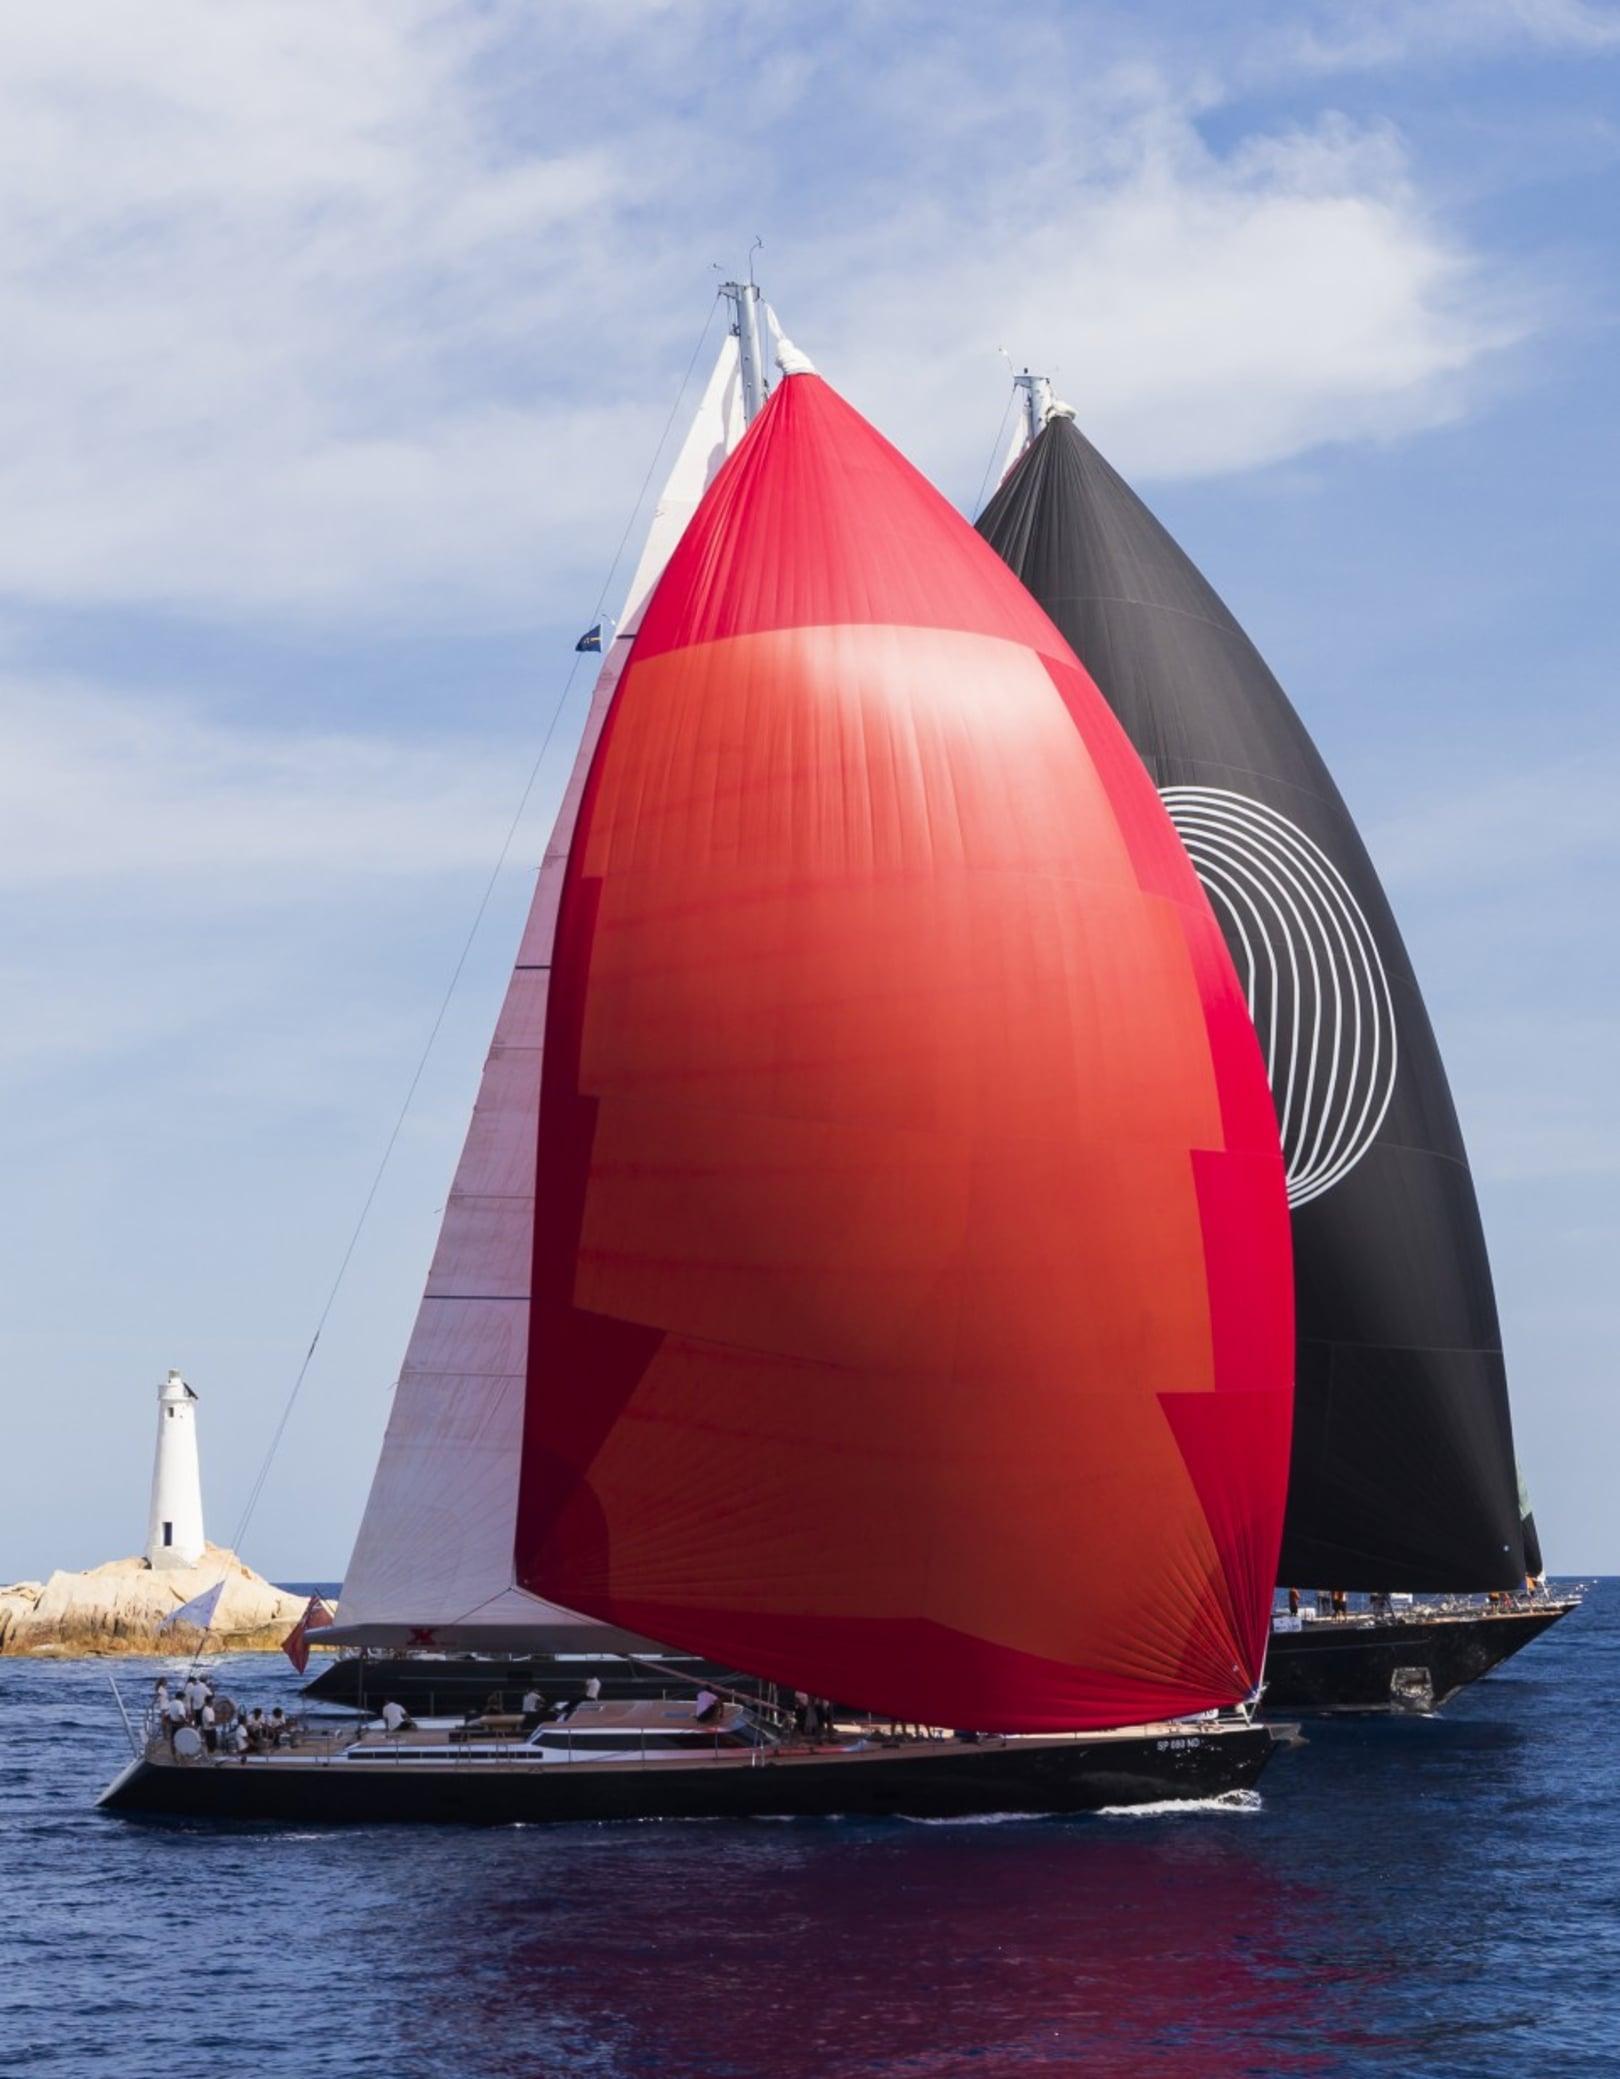 S/Y Xnoi Yacht #5